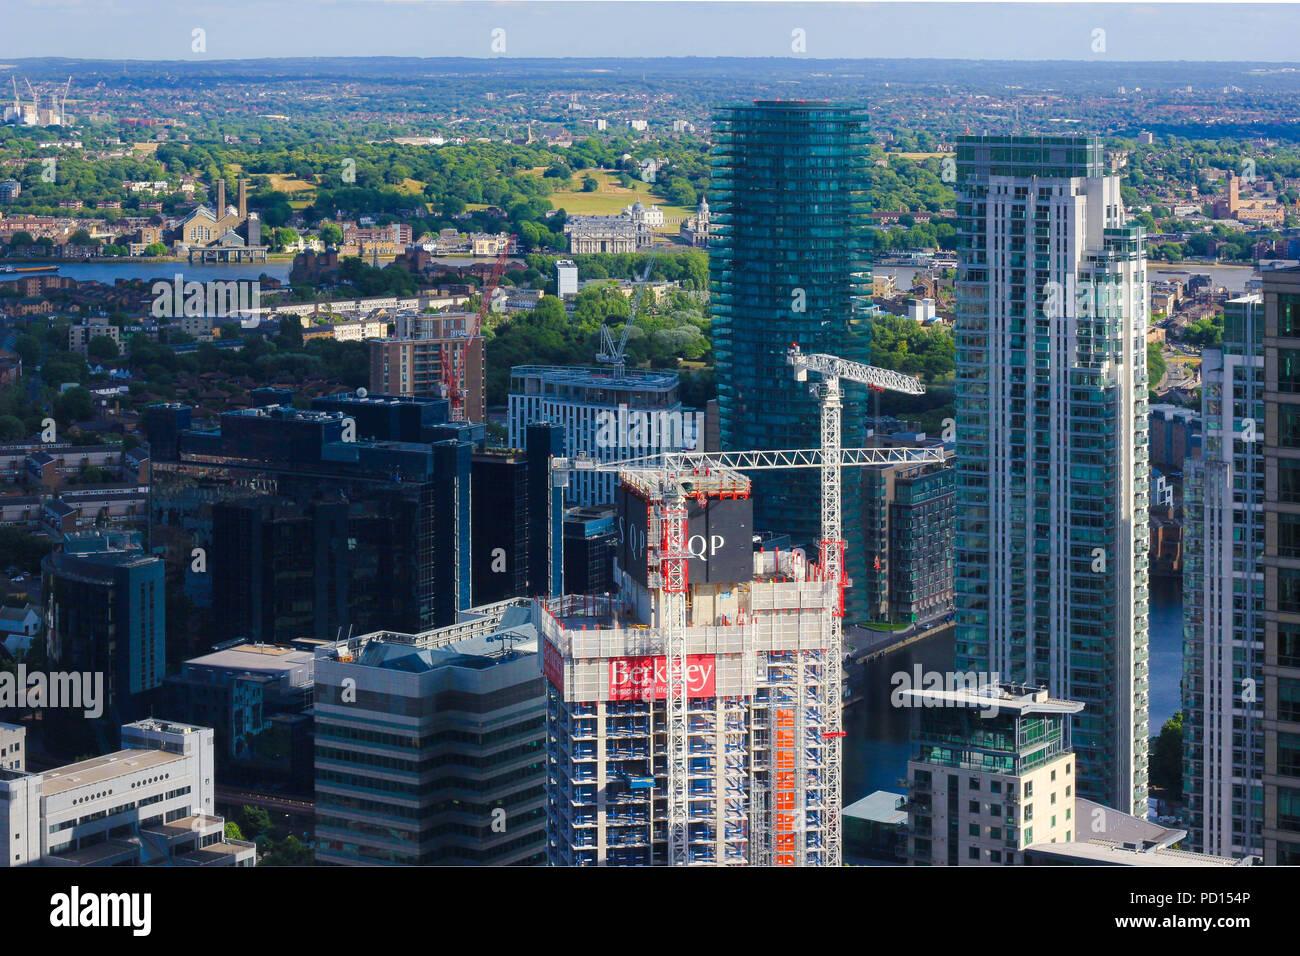 Canary Wharf's neighbourhood - Stock Image